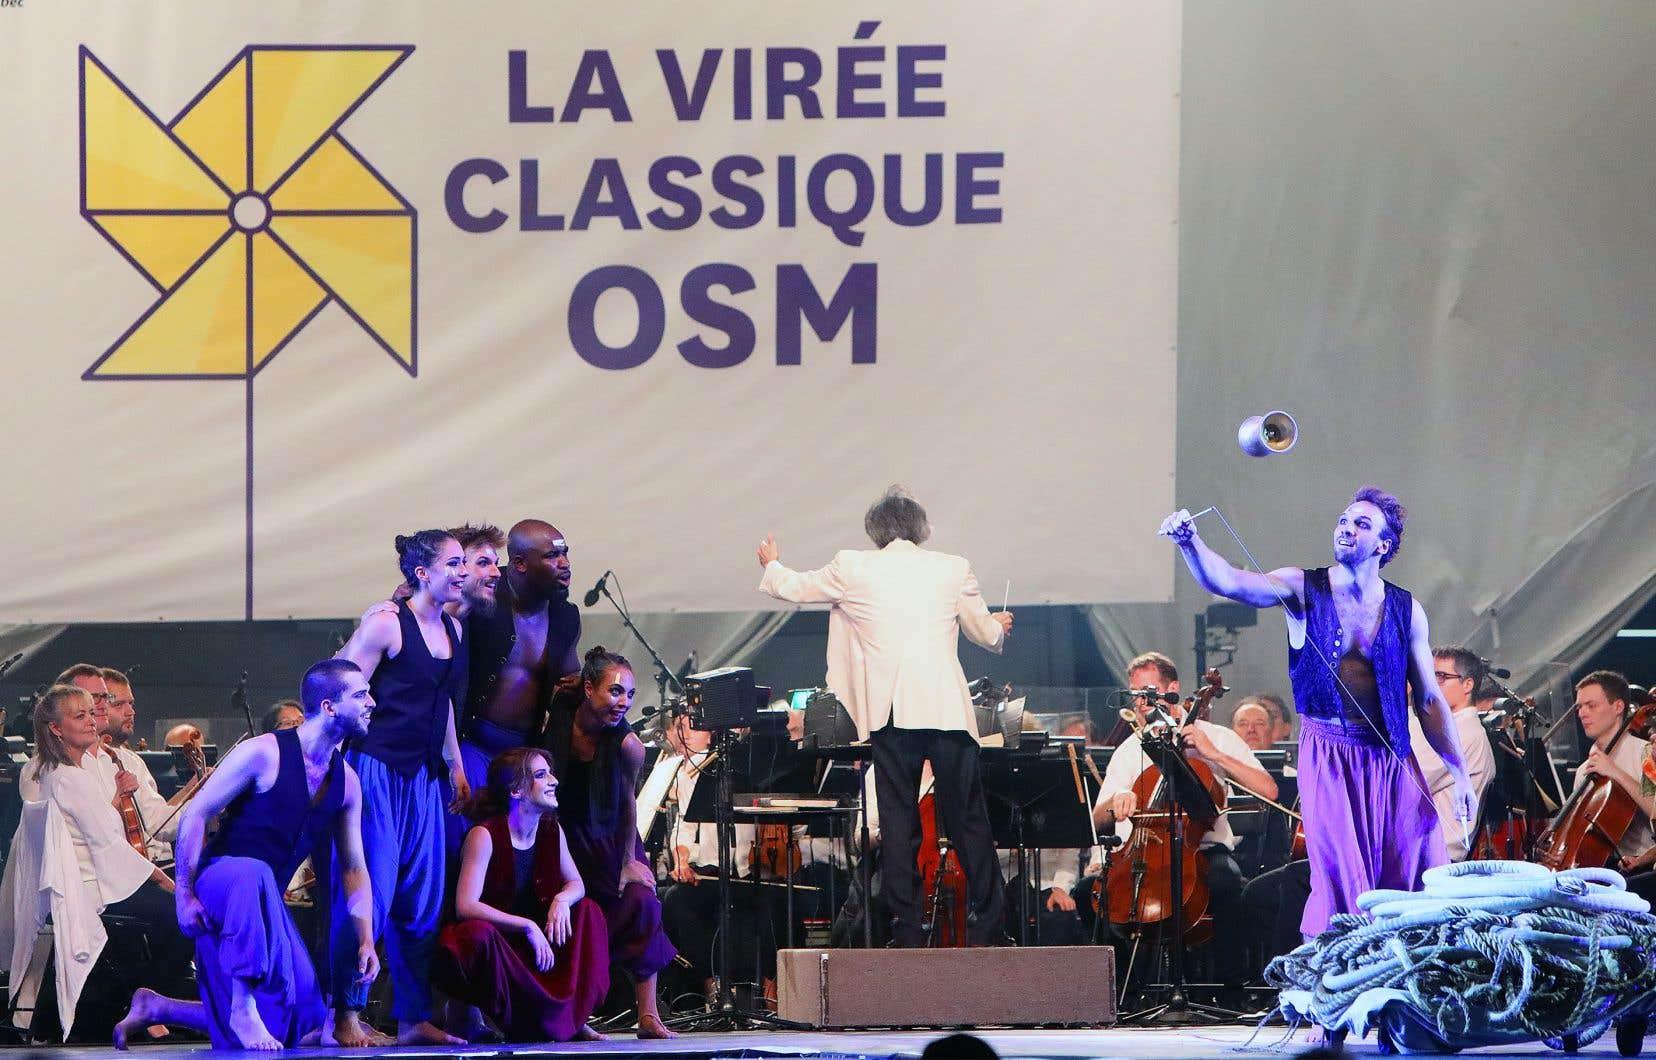 L'OSM et ses invités investissent la Place des Arts dès17 heures vendredi pour la 7eVirée classique.